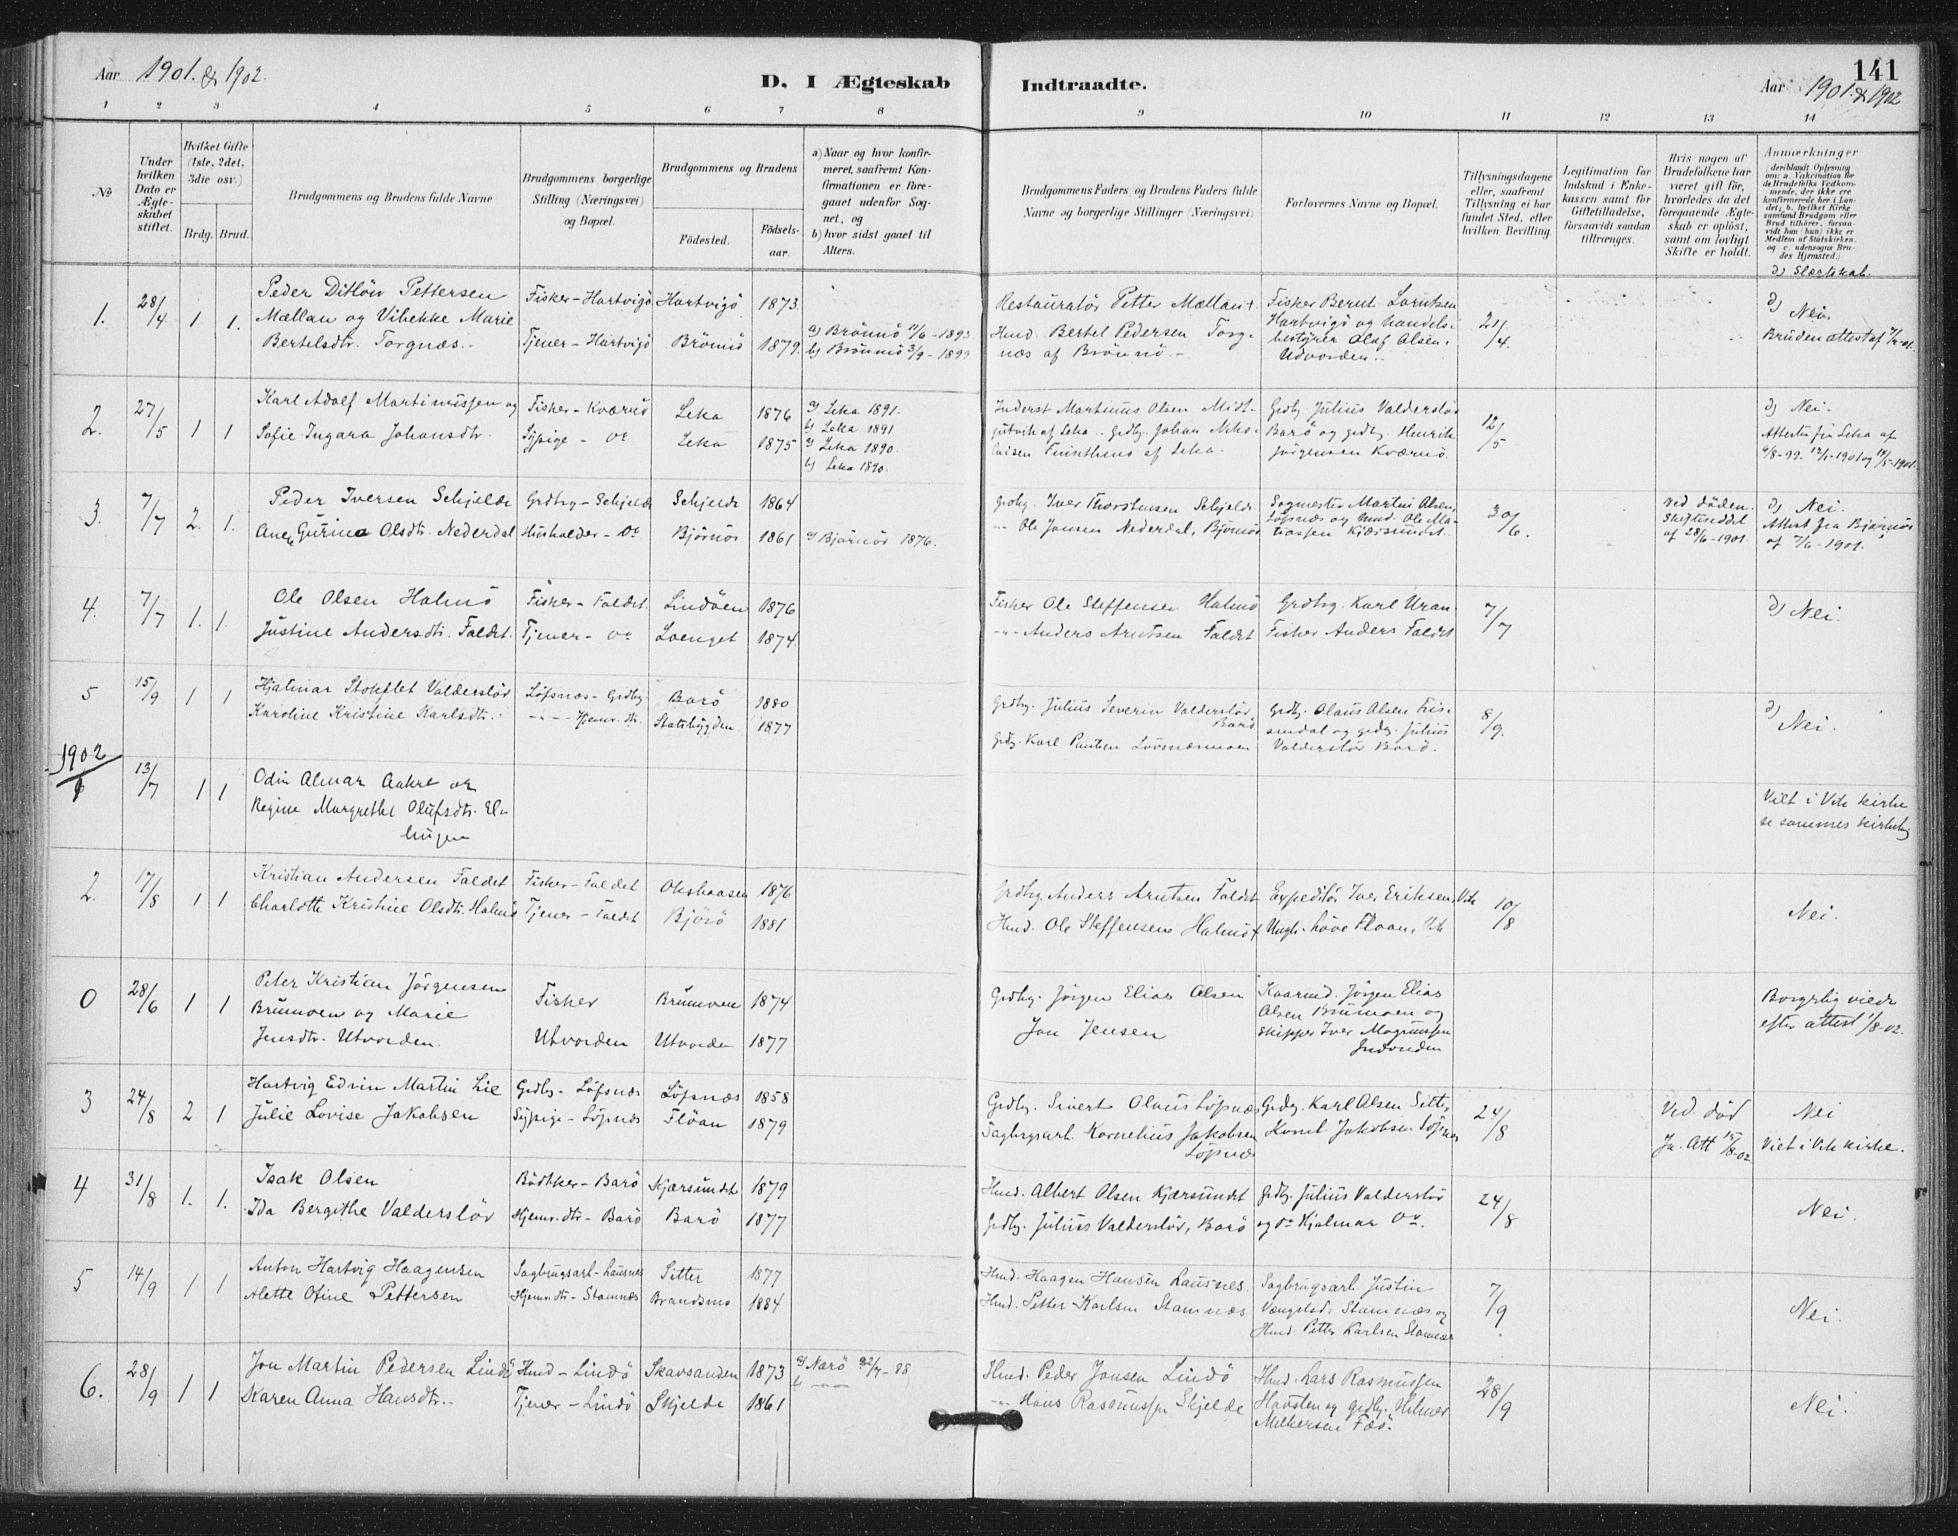 SAT, Ministerialprotokoller, klokkerbøker og fødselsregistre - Nord-Trøndelag, 772/L0603: Ministerialbok nr. 772A01, 1885-1912, s. 141